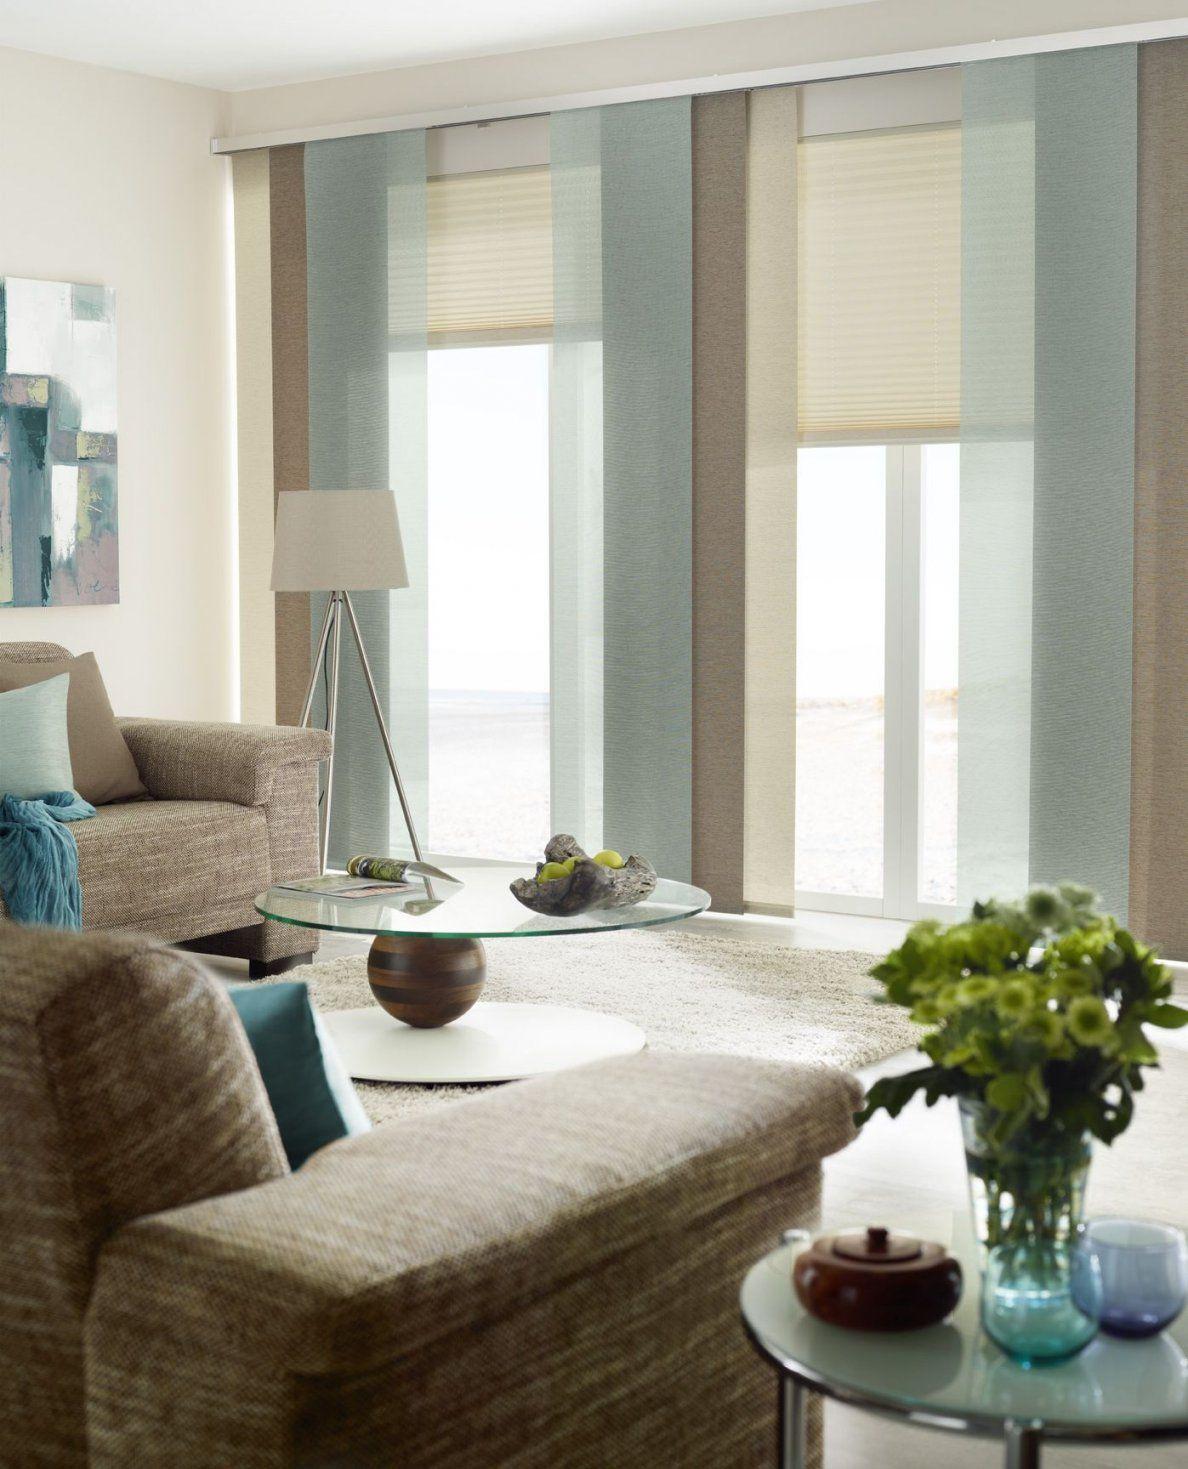 Gardinen Genial Gardinen Balkontür Und Fenster Modern Charmant von Vorhang Balkontür Und Fenster Bild